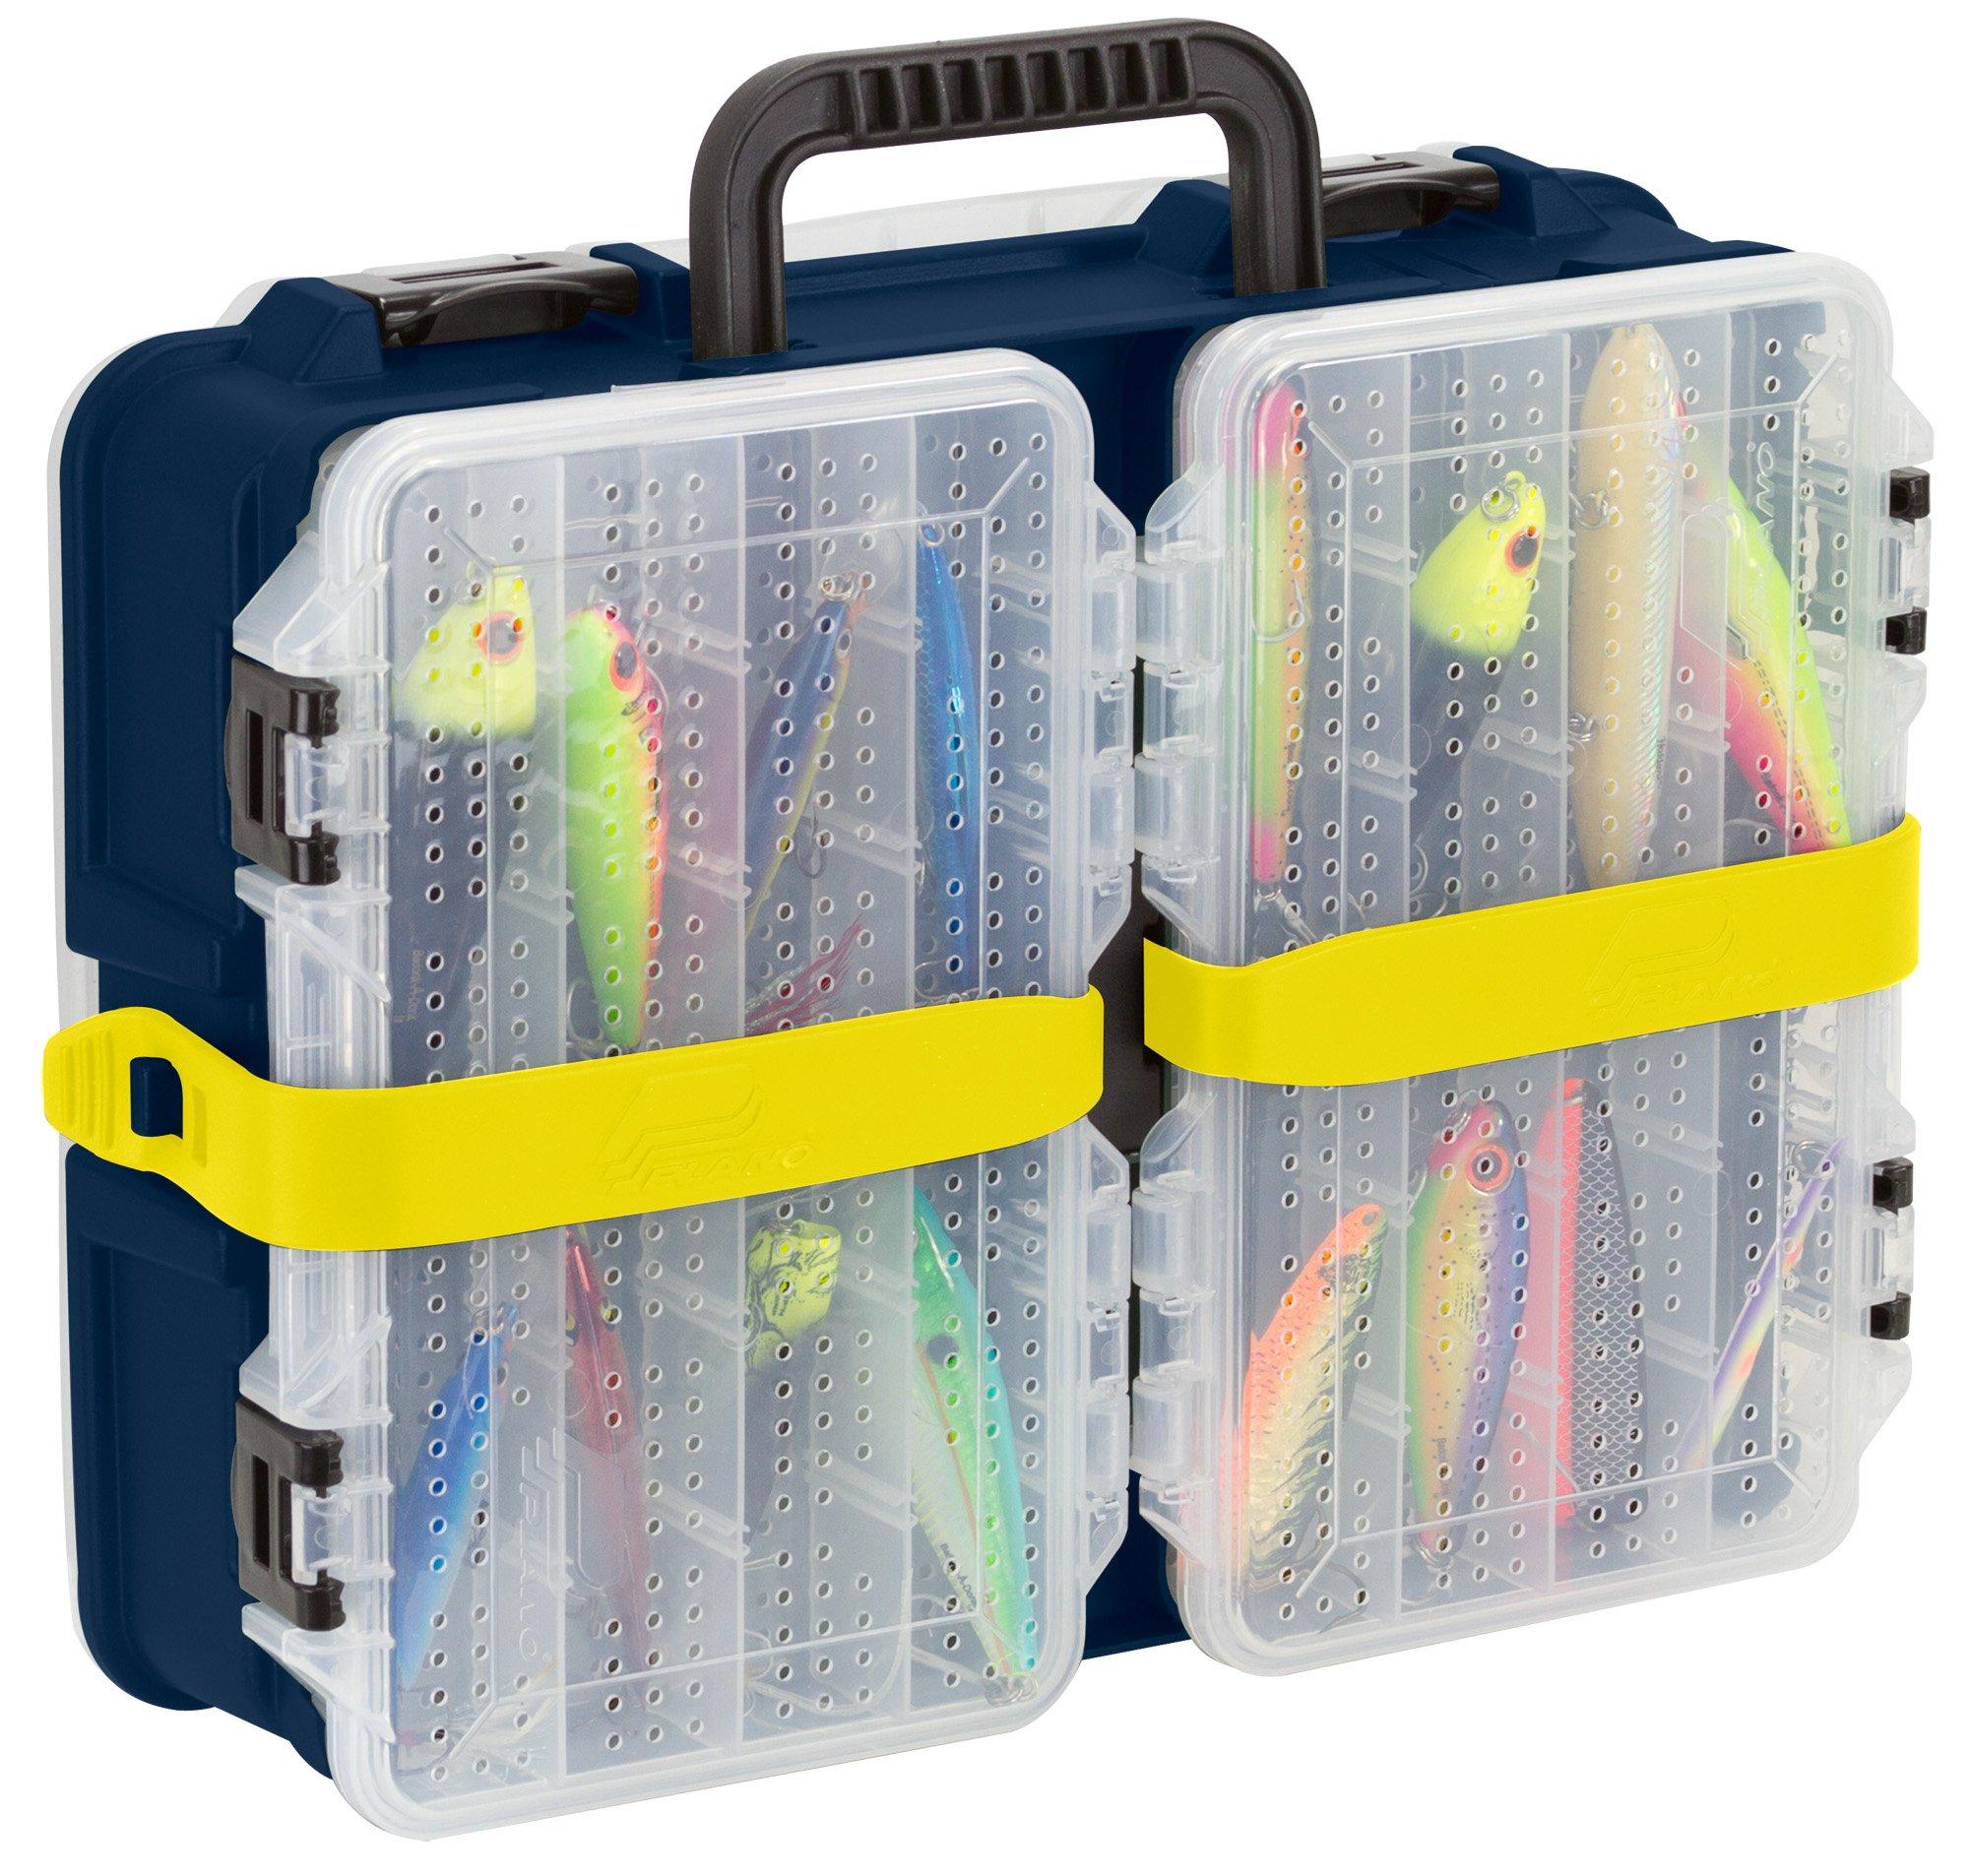 Plano 1123-01 HydroFlo Flex 'N' Go Satchel, Yellow/Blue